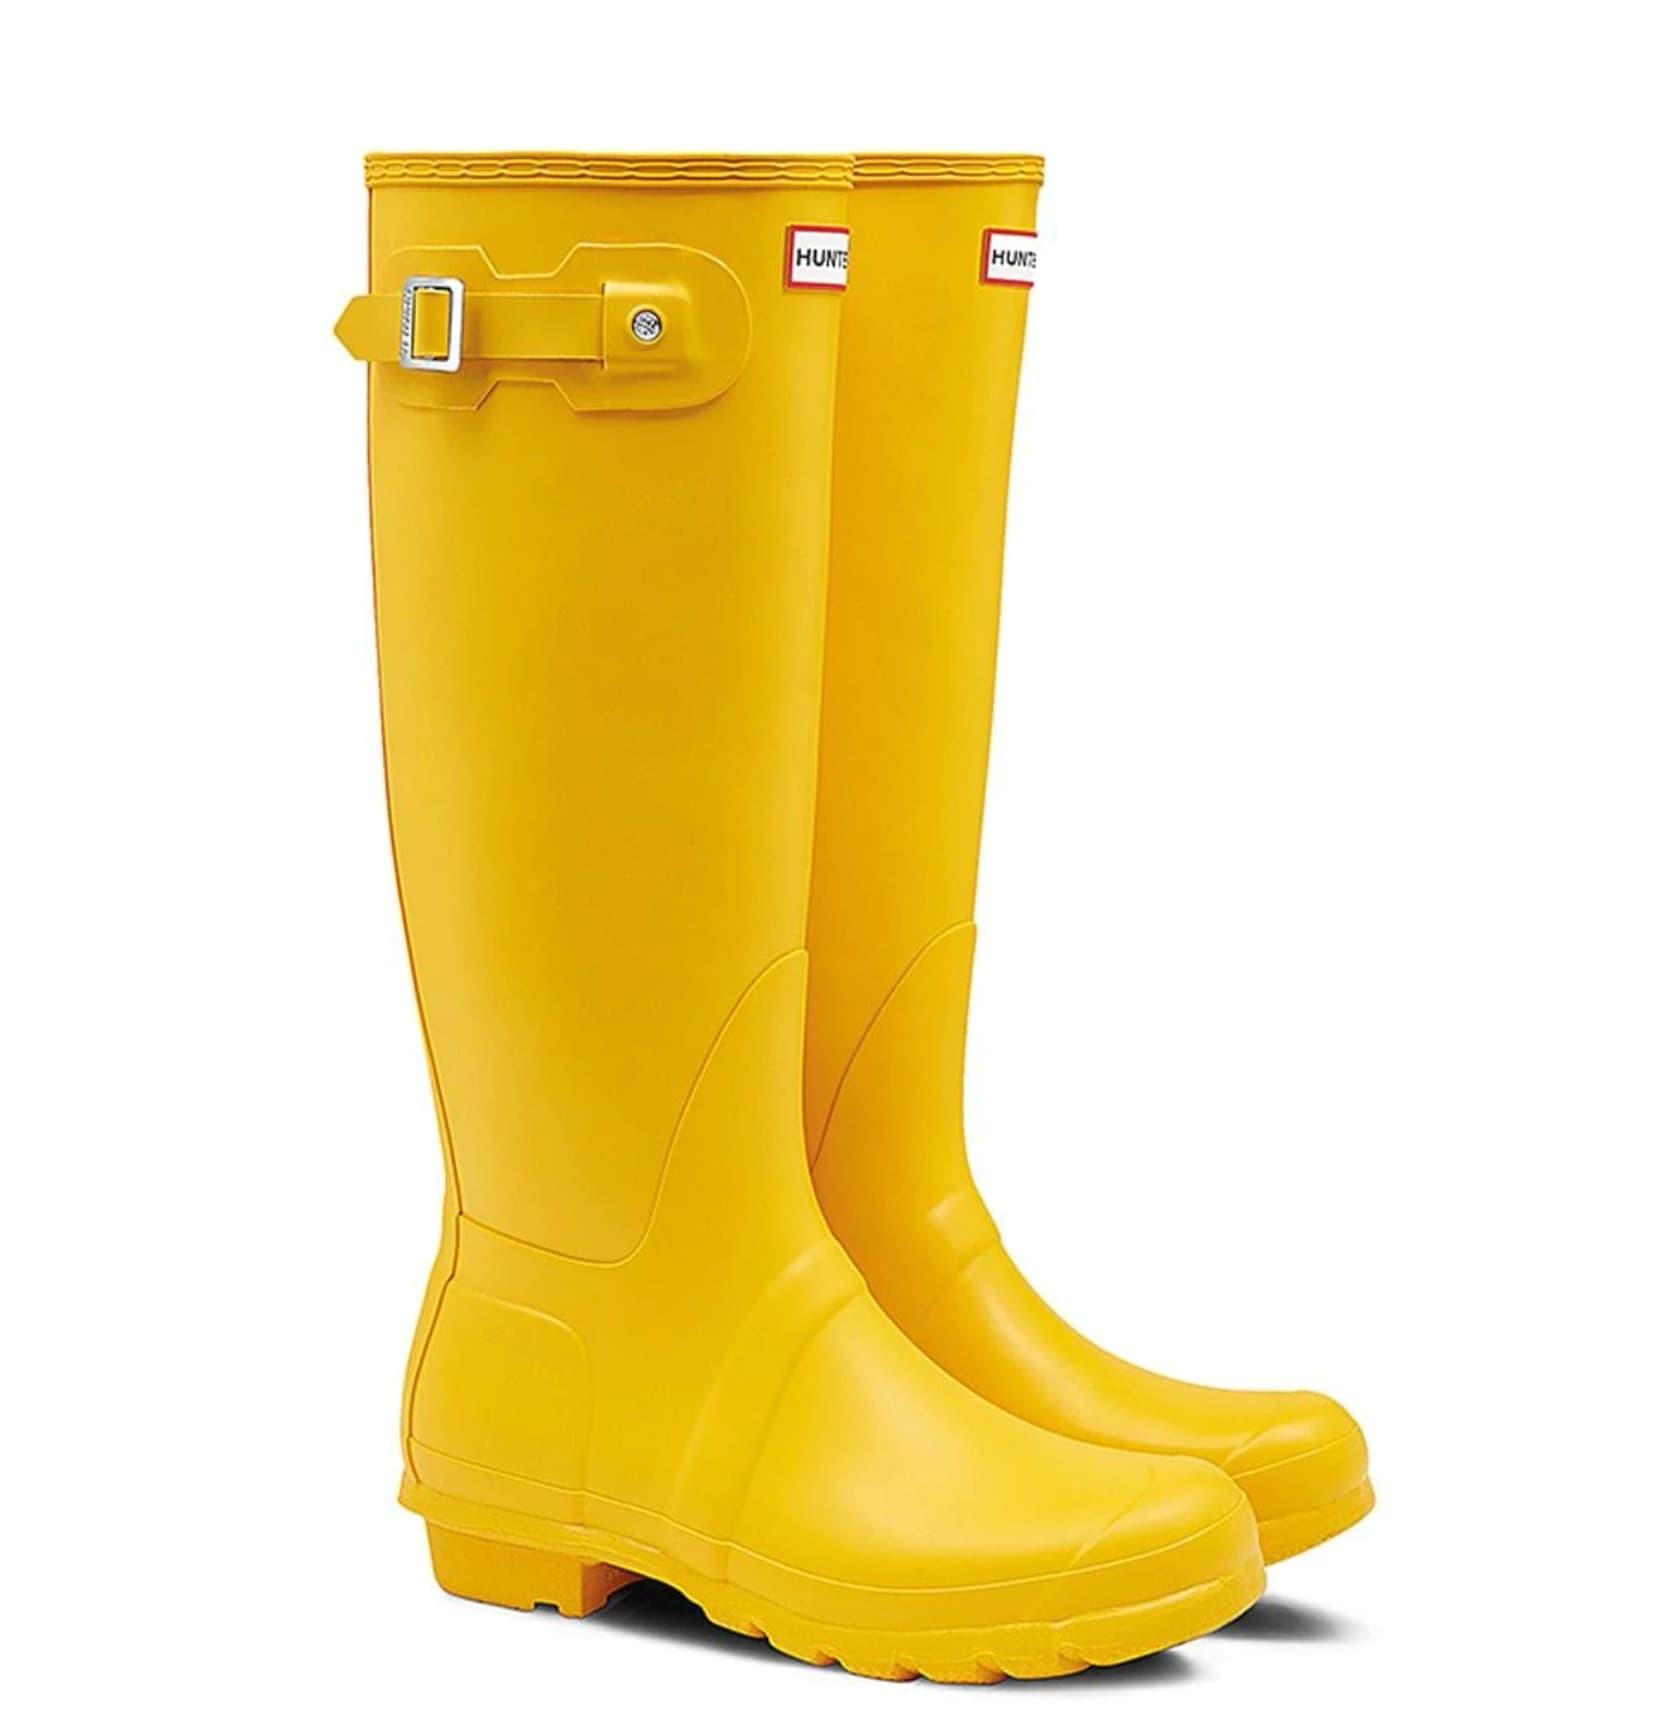 Botas de agua de mujer Hunter en amarillo de caña alta